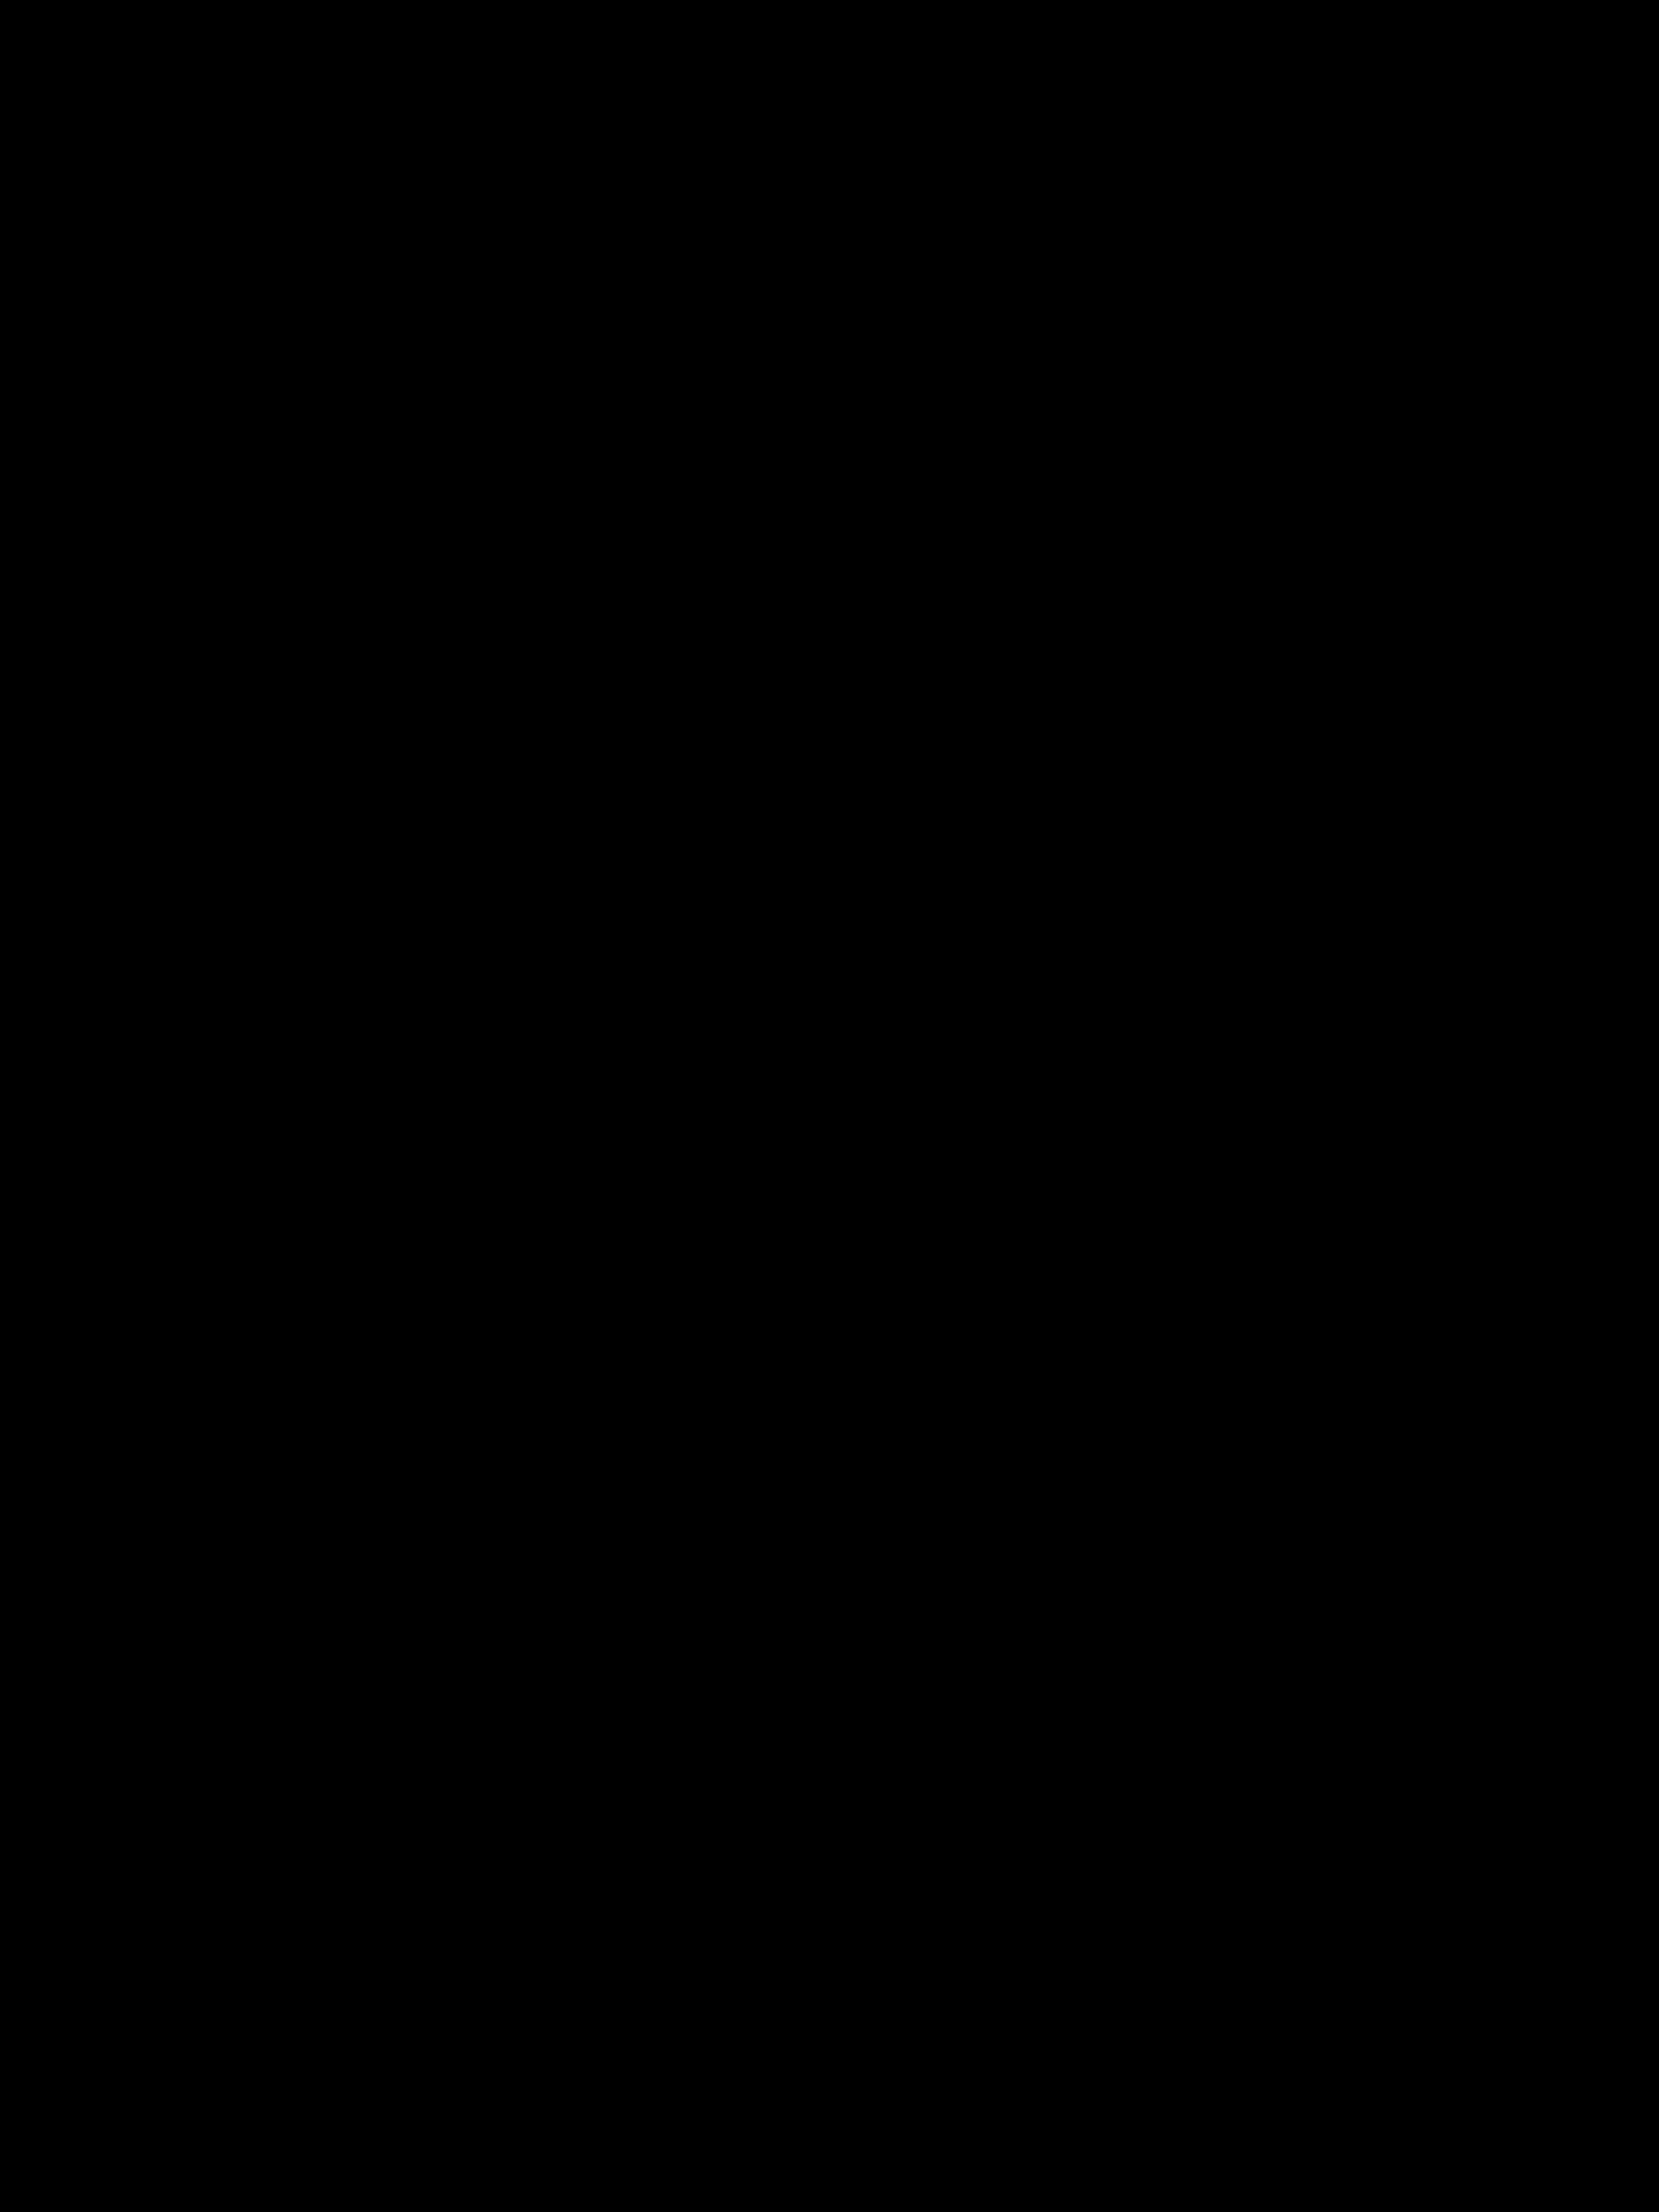 File octicons svg wikimedia. Lock clipart locker